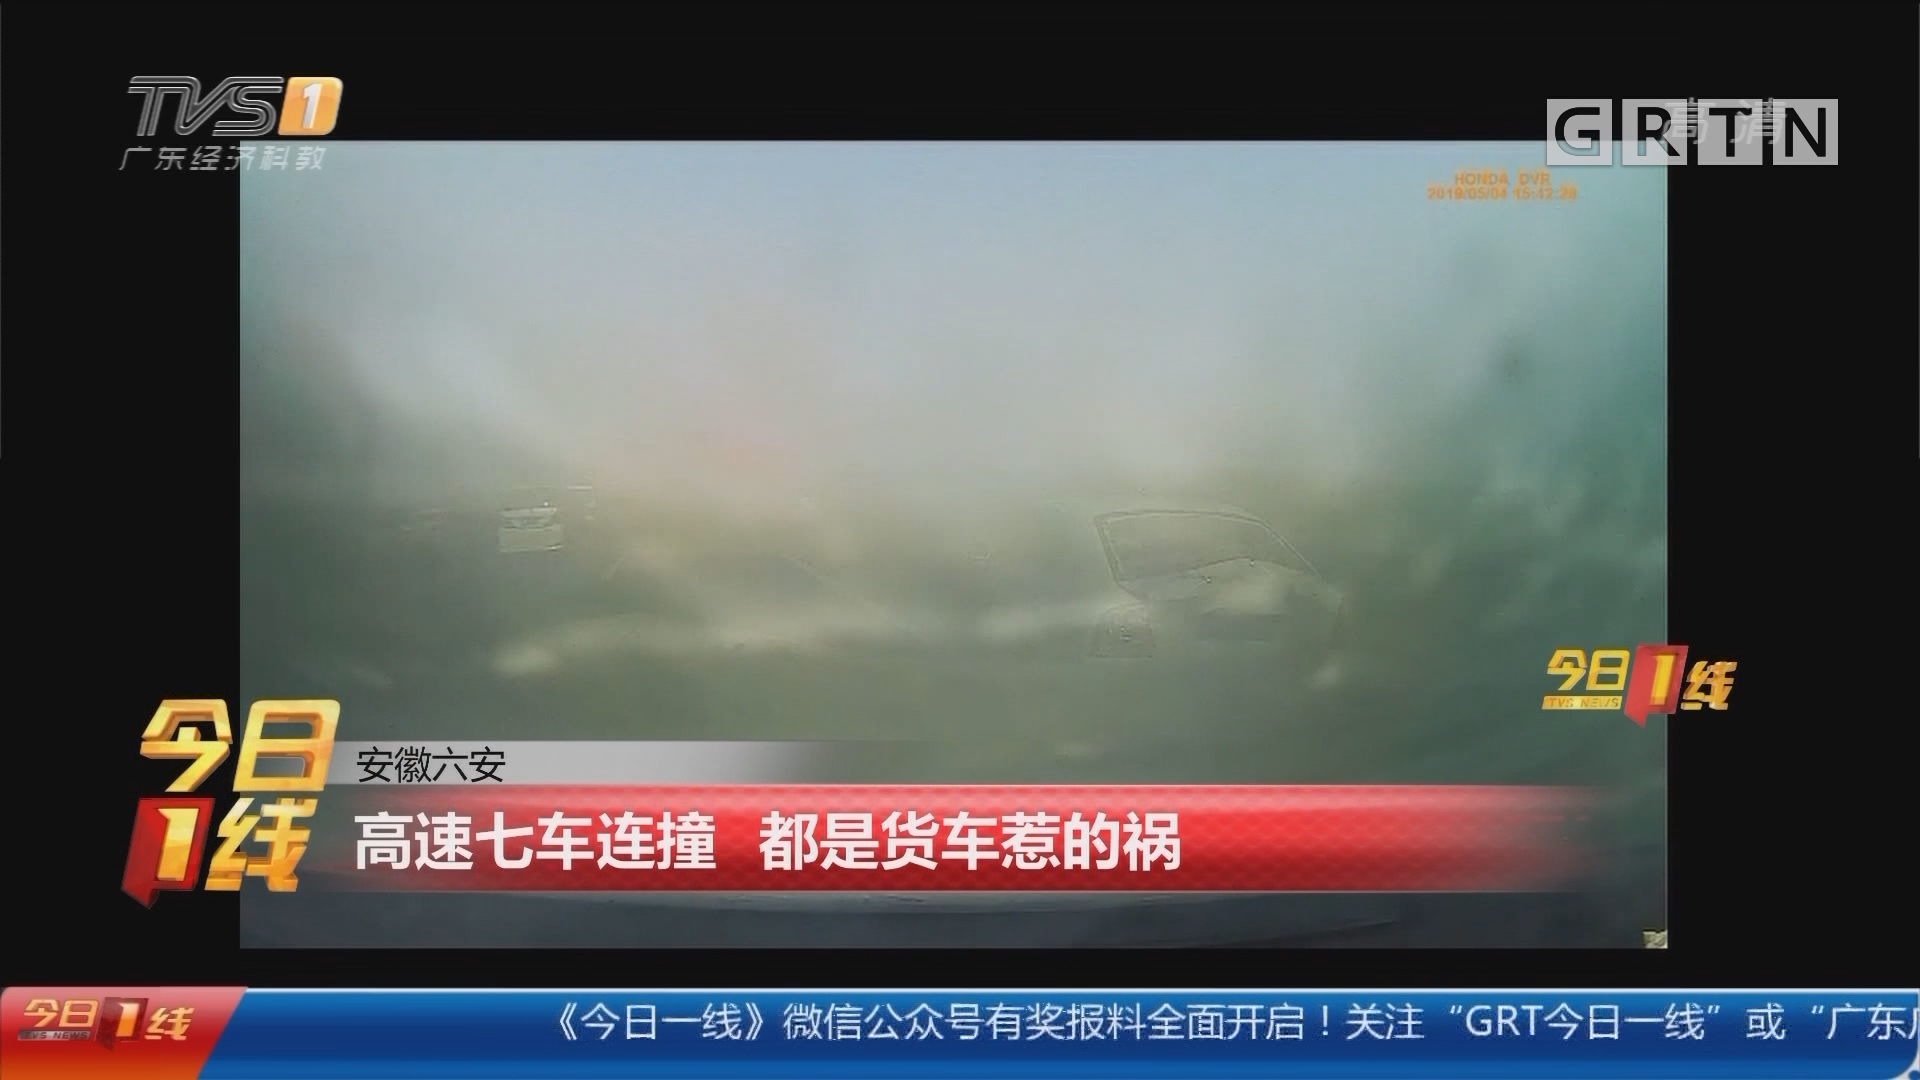 安徽六安:高速七車連撞 都是貨車惹的禍